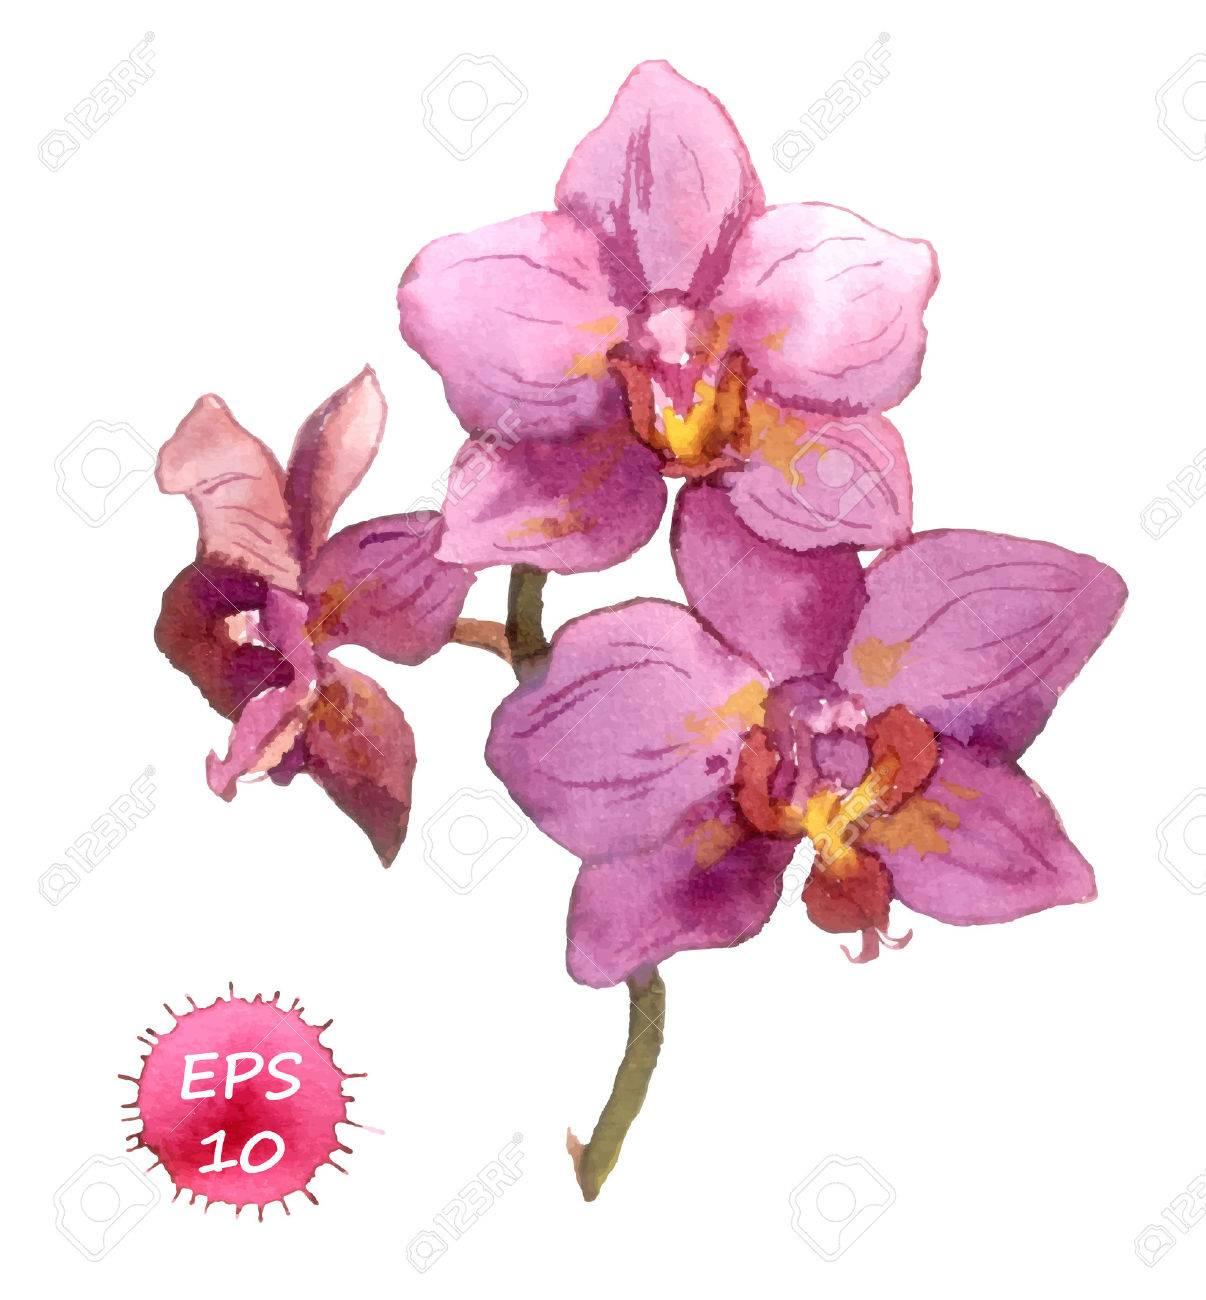 Dessin Fleur D Orchidée une fleur d'orchidée isolé, dessin à la main aquarelle clip art